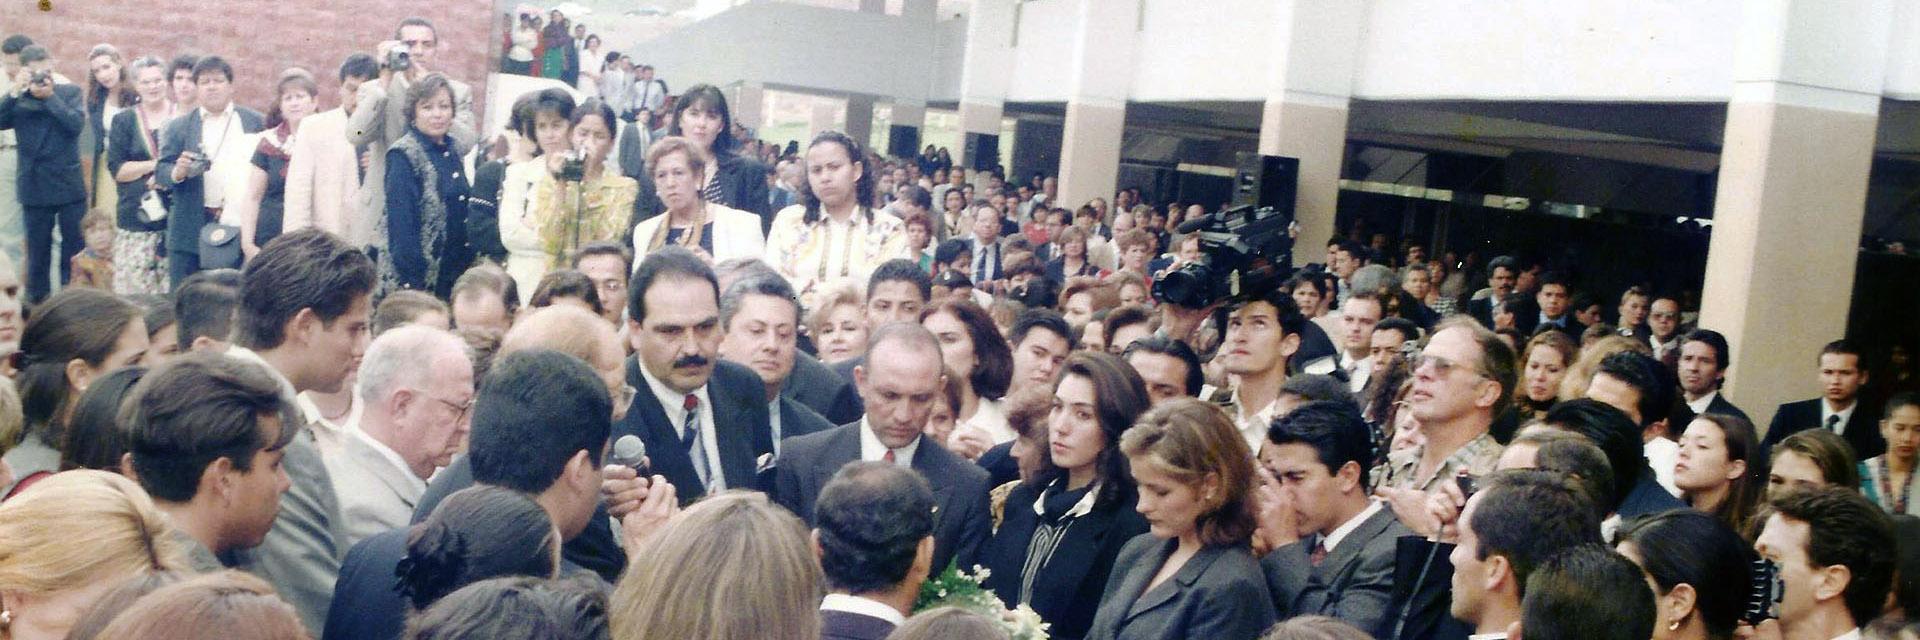 1998 / Autoridades inauguran el Campus.